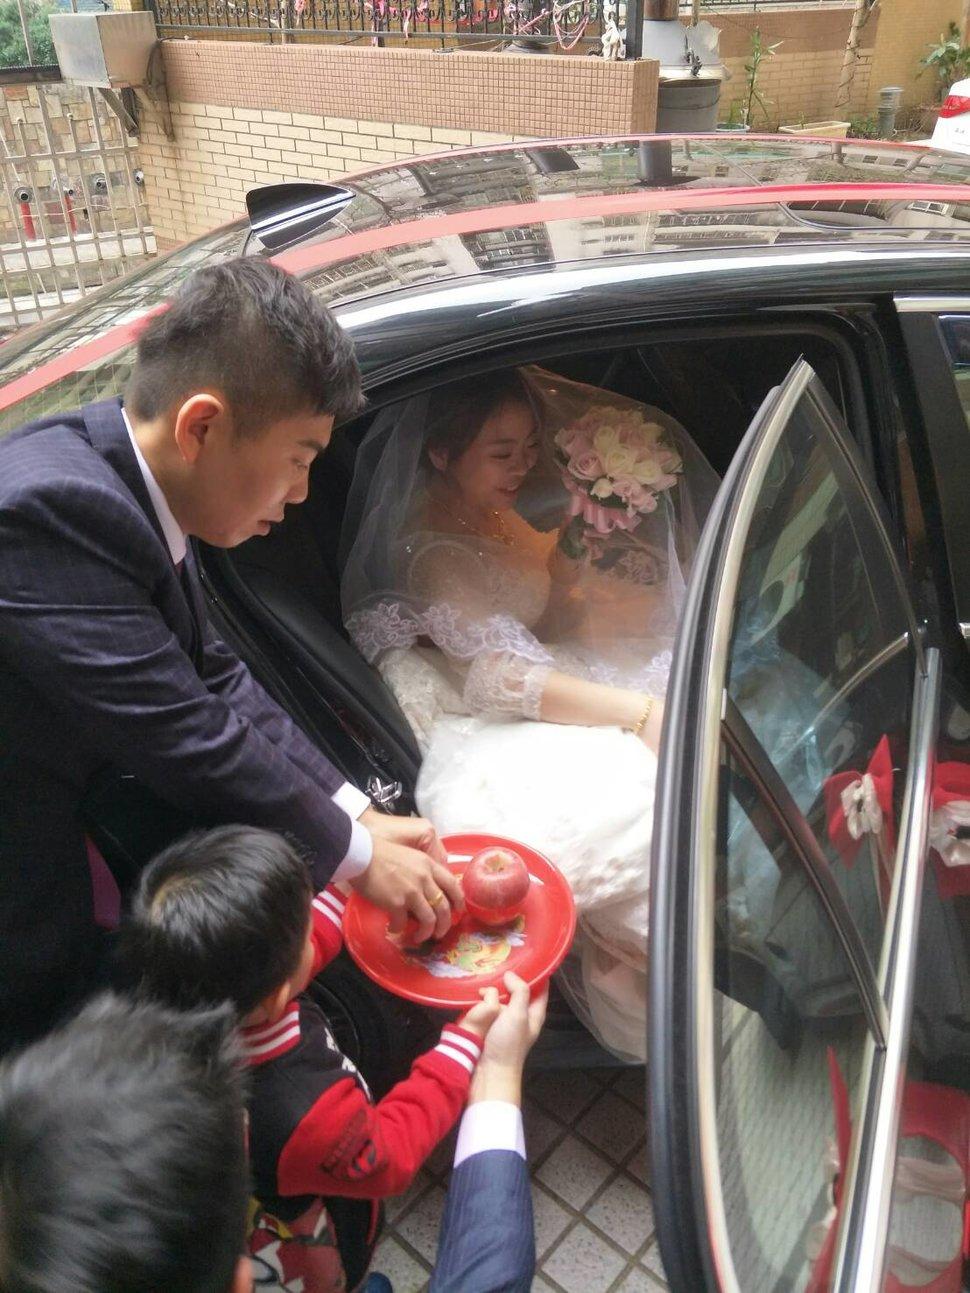 IMG_5953 - 幸福結婚禮車出租《結婚吧》